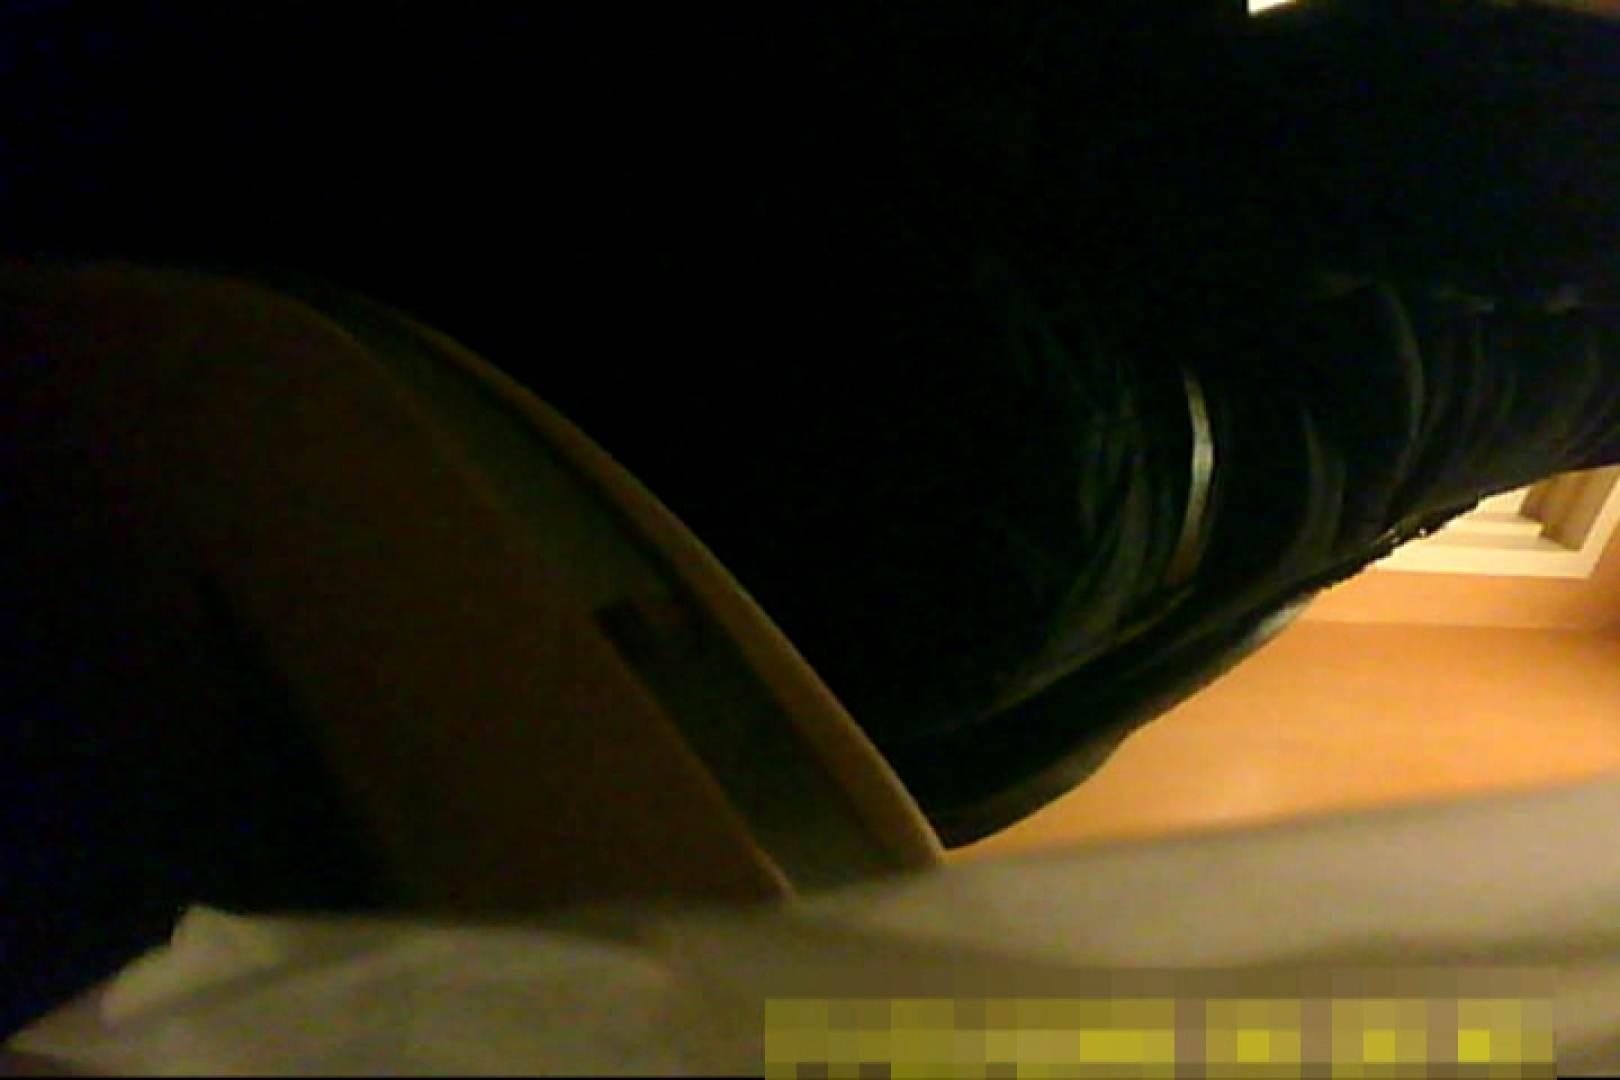 魅惑の化粧室~禁断のプライベート空間~vol.8 OL  111pic 15